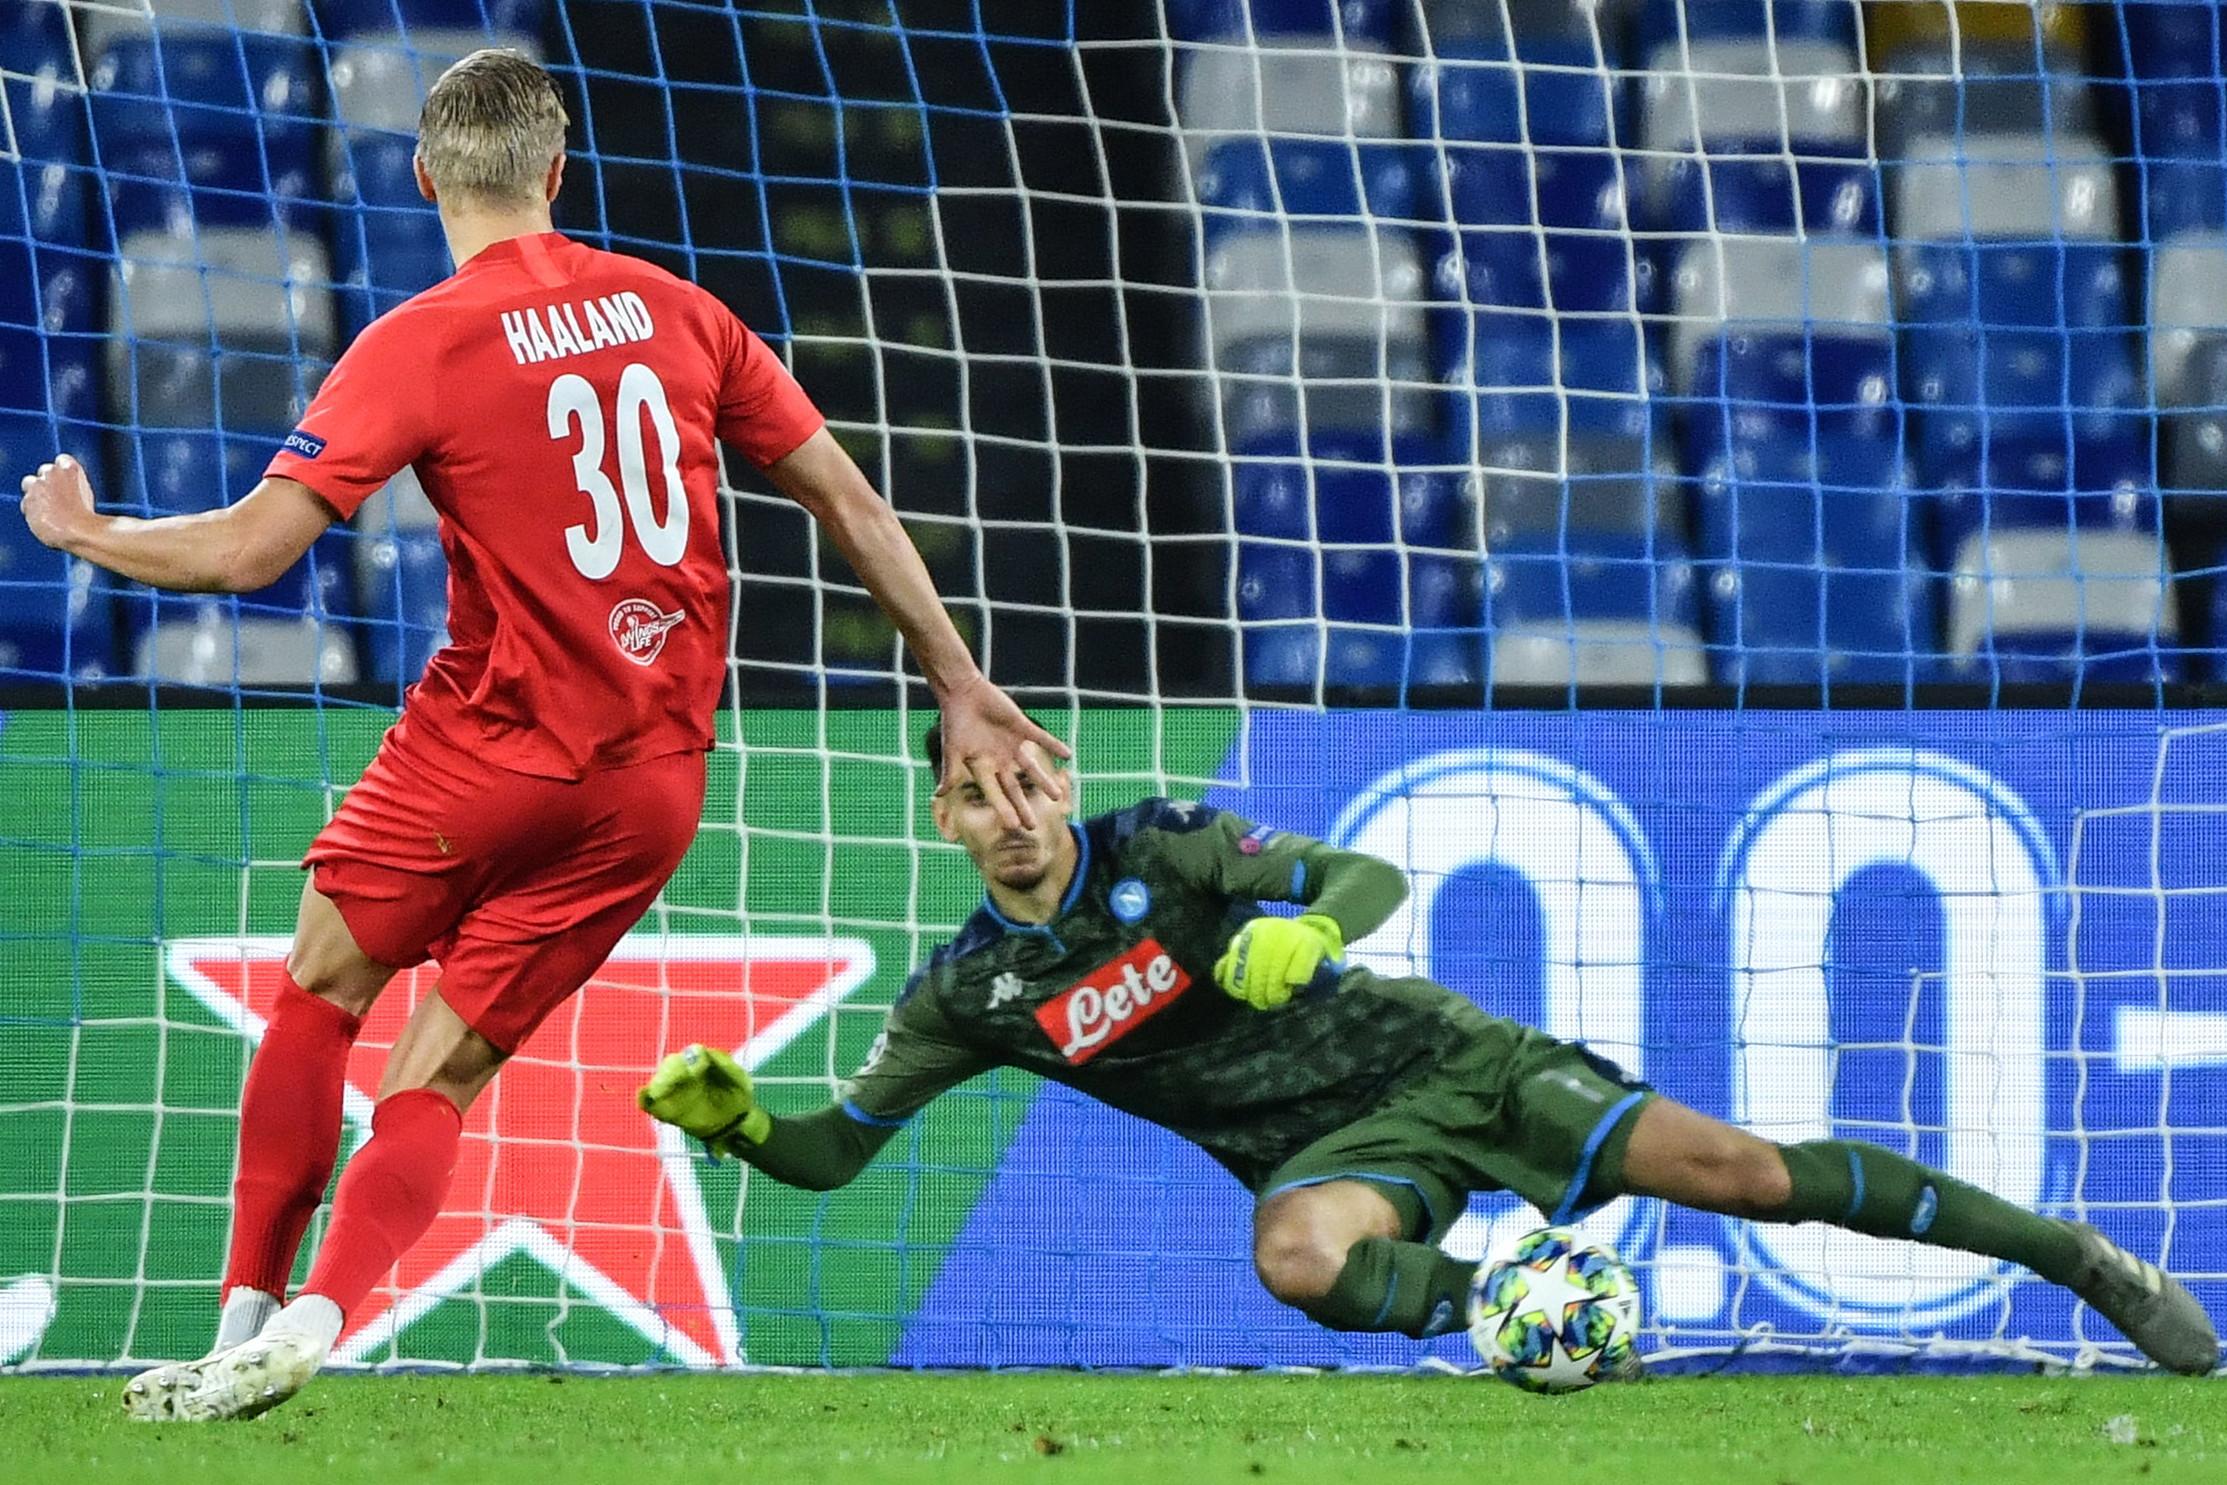 Nel quarto turno del Gruppo E di Champions, il Napoli pareggia contro il Salisburgo e scivola al secondo posto in classifica (Liverpool a +1) conserva...